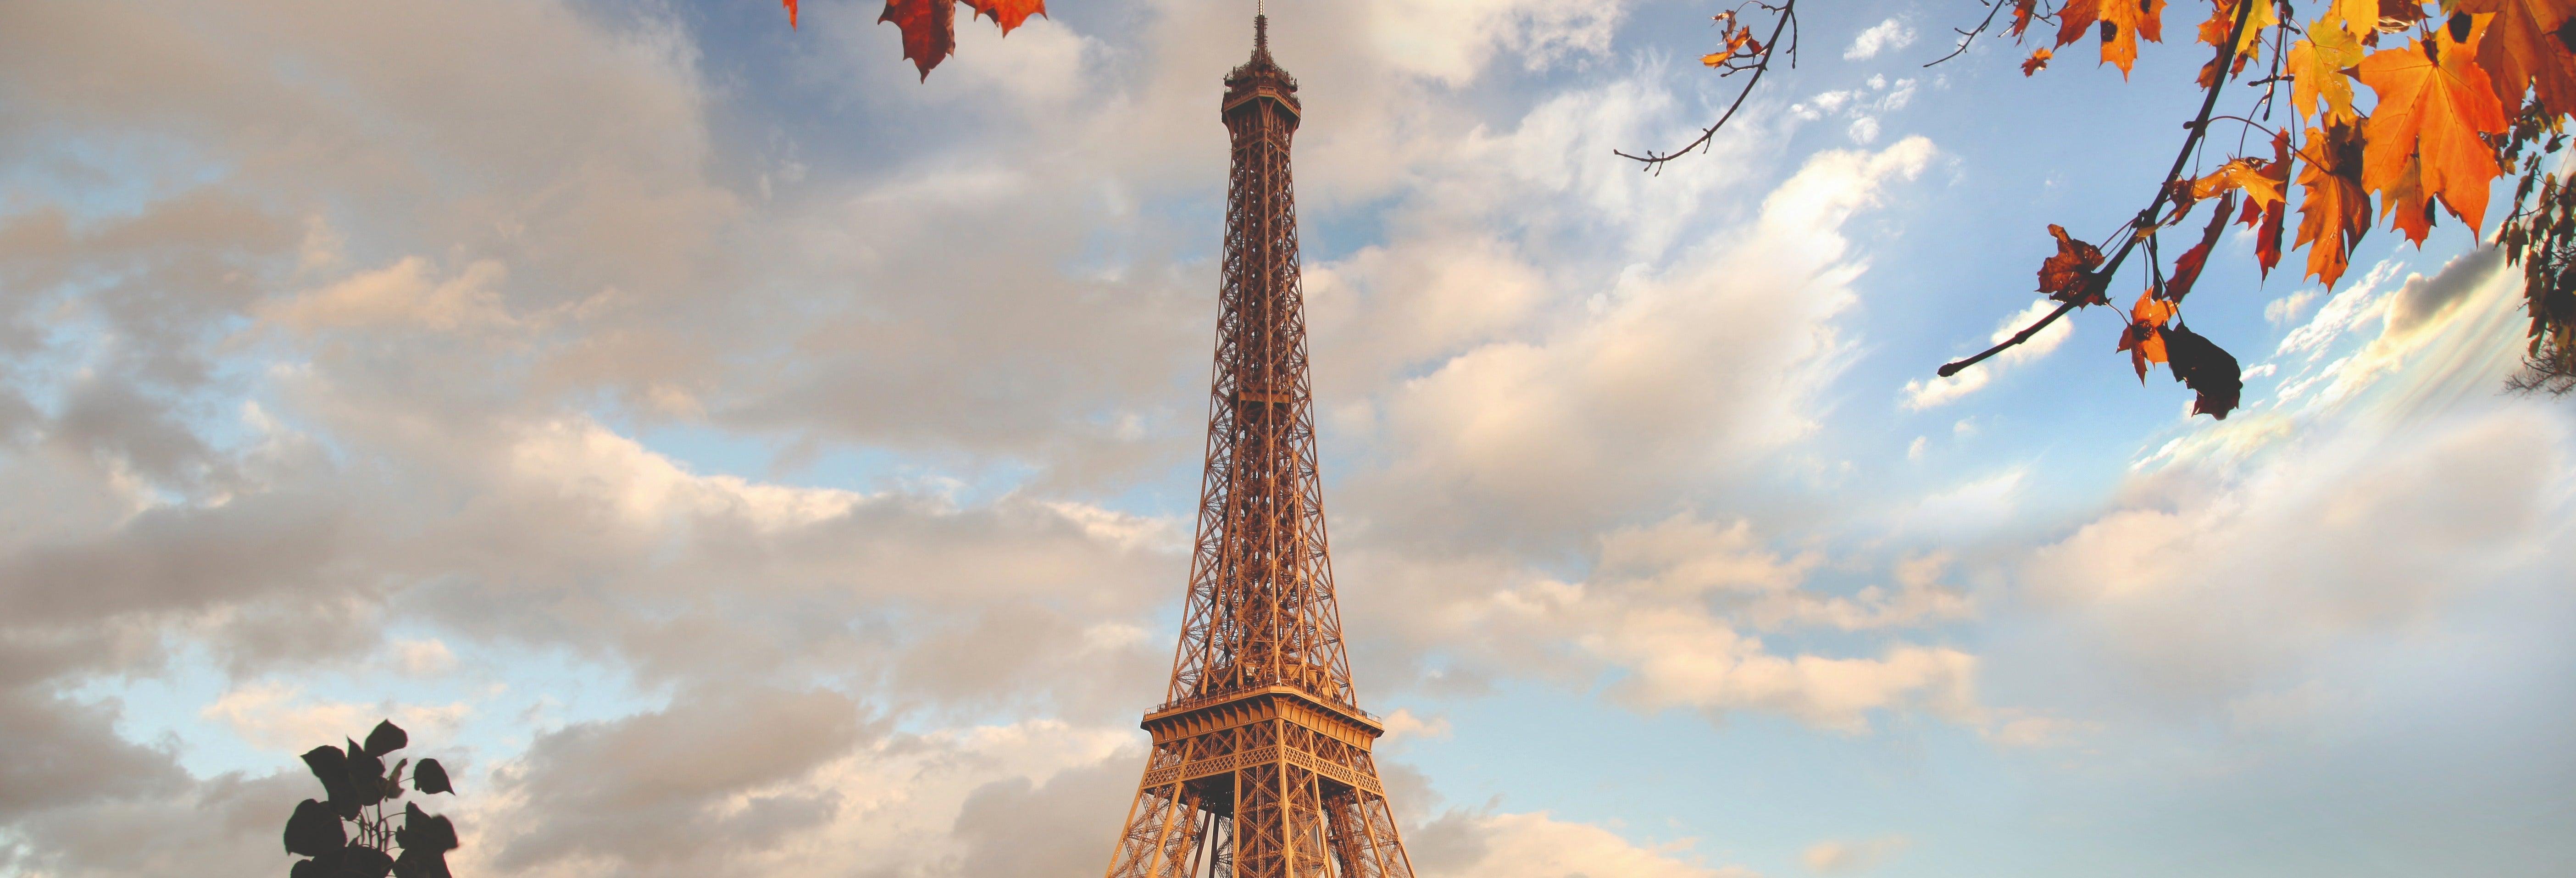 Tour por Paris, passeio de barco e Torre Eiffel